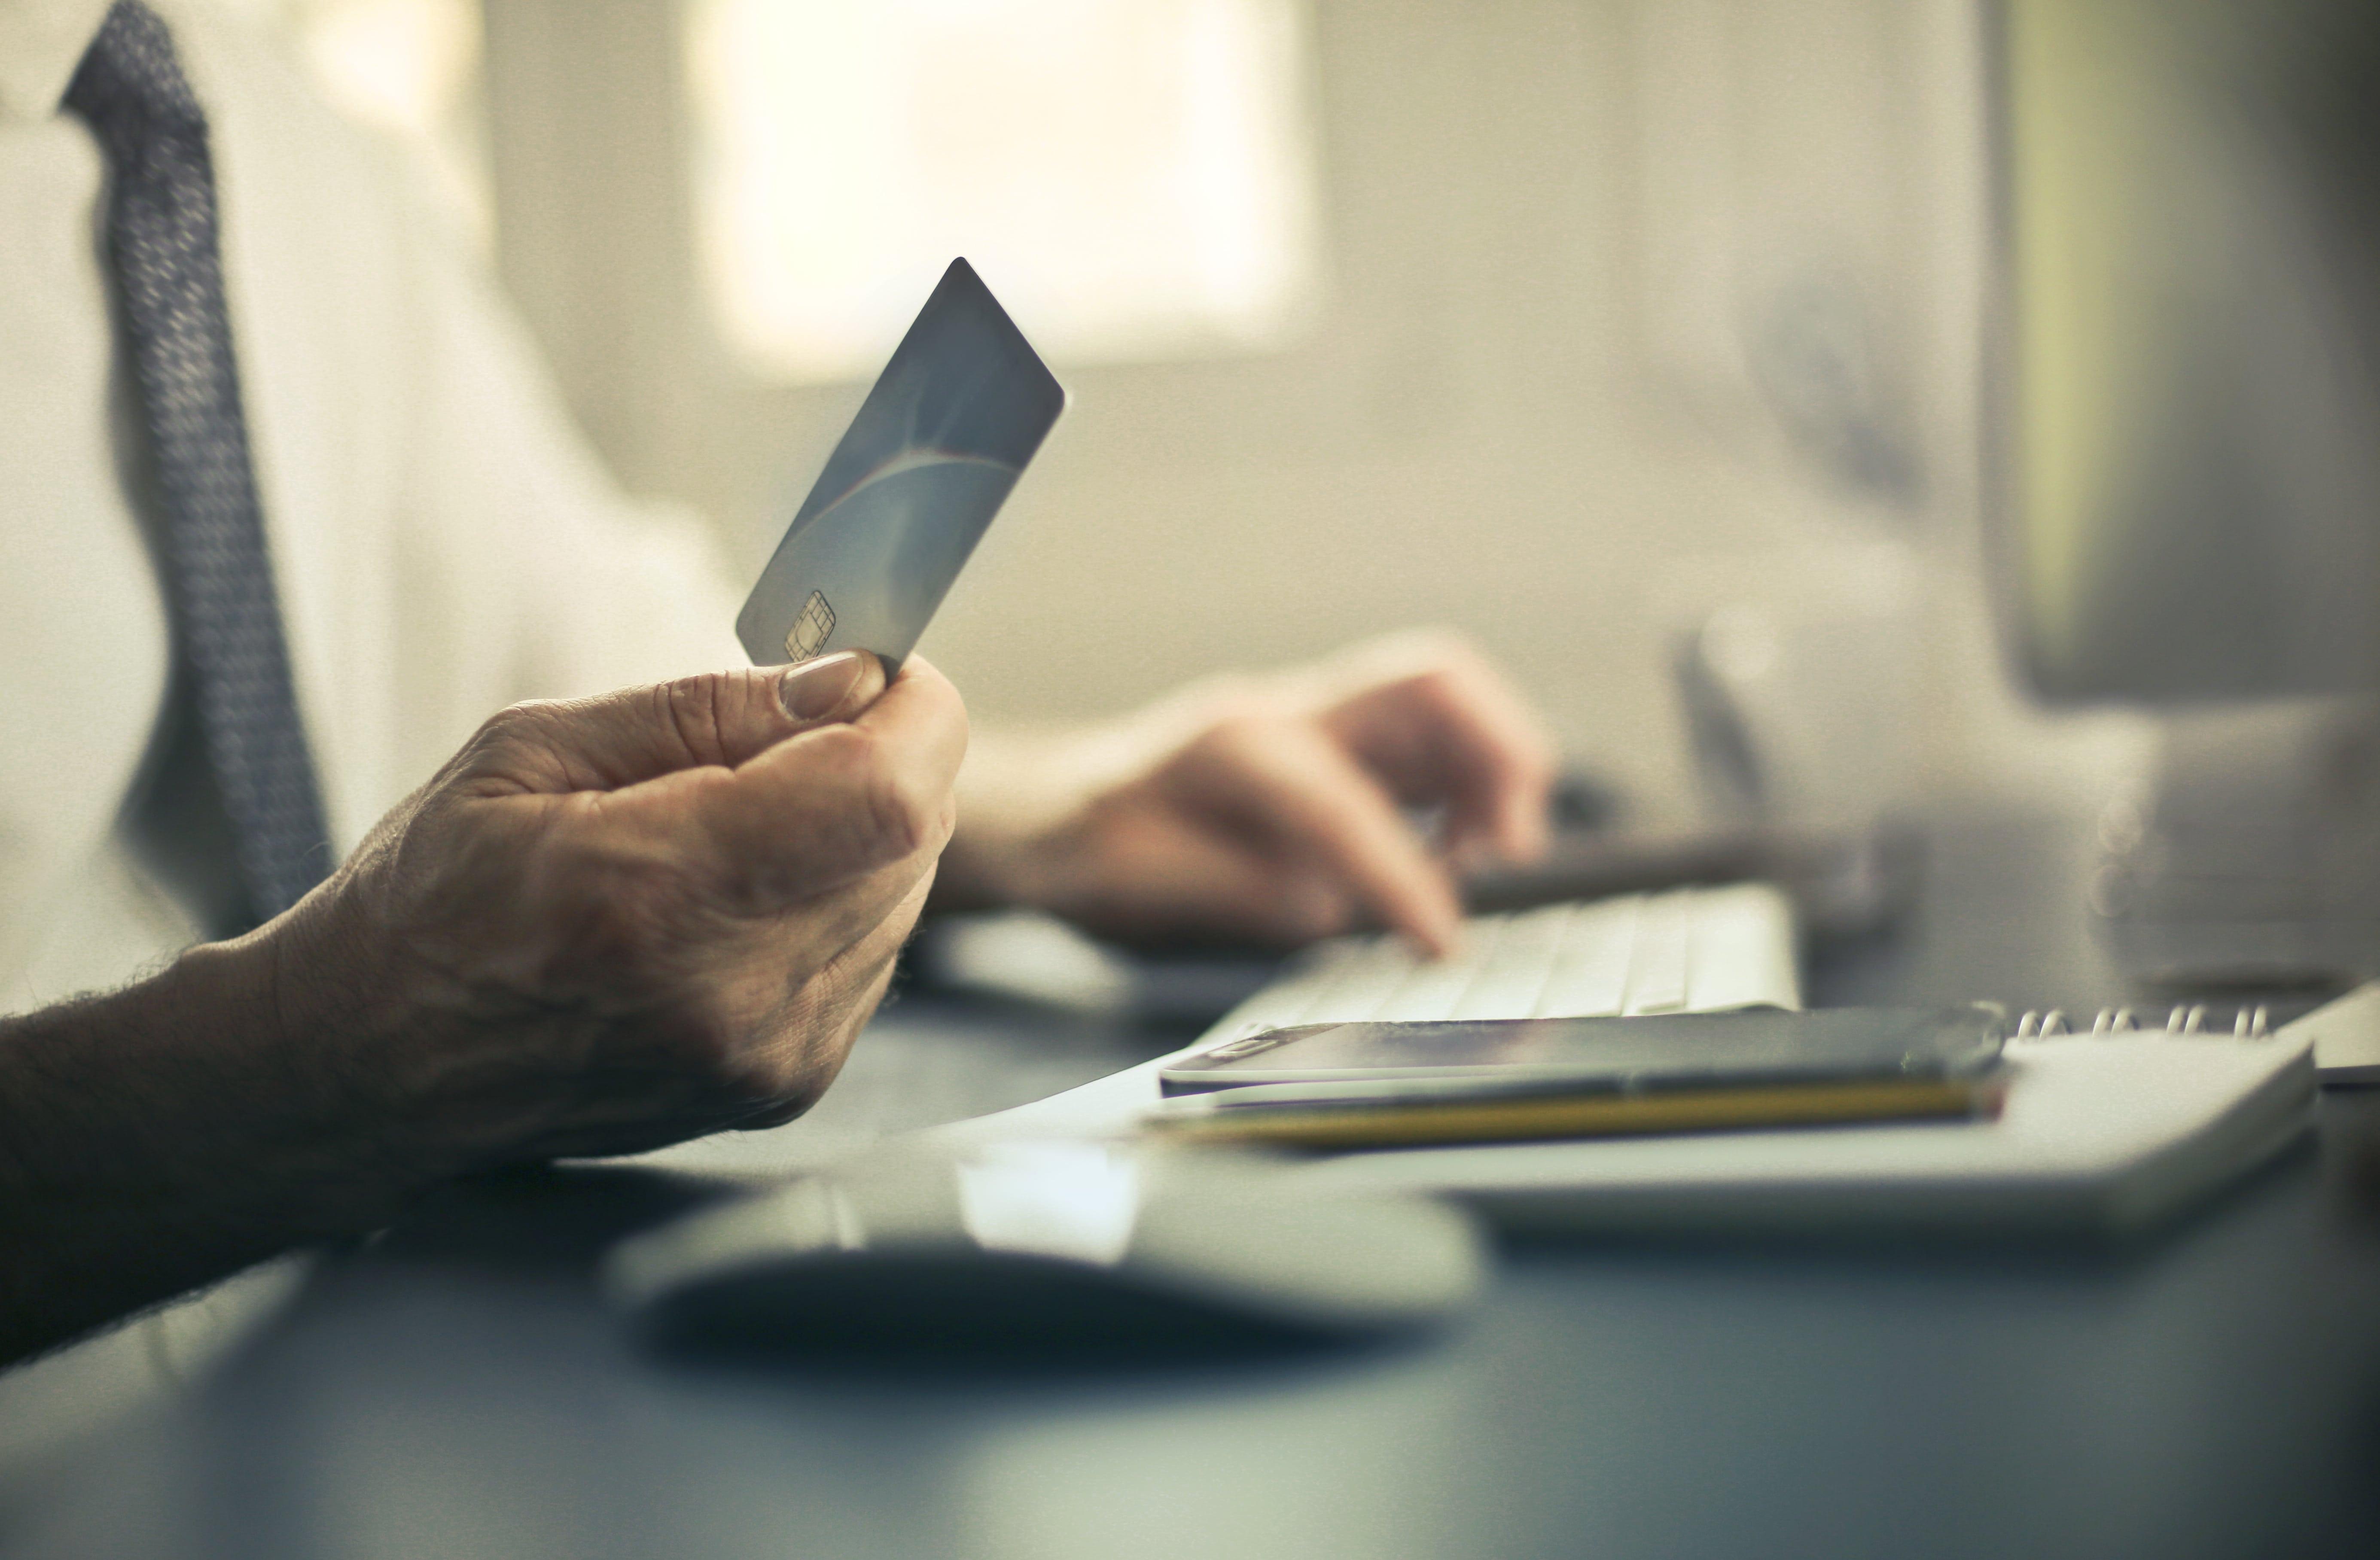 For deg som driver en WooCommerce nettbutikk er sikkerhet viktig. Det kan få store økonomiske konsekvenser for deg om nettbutikken din utsettes for datakriminalitet. Derfor tipser vi deg om fire nyttige ting å for deg som driver nettbutikk.